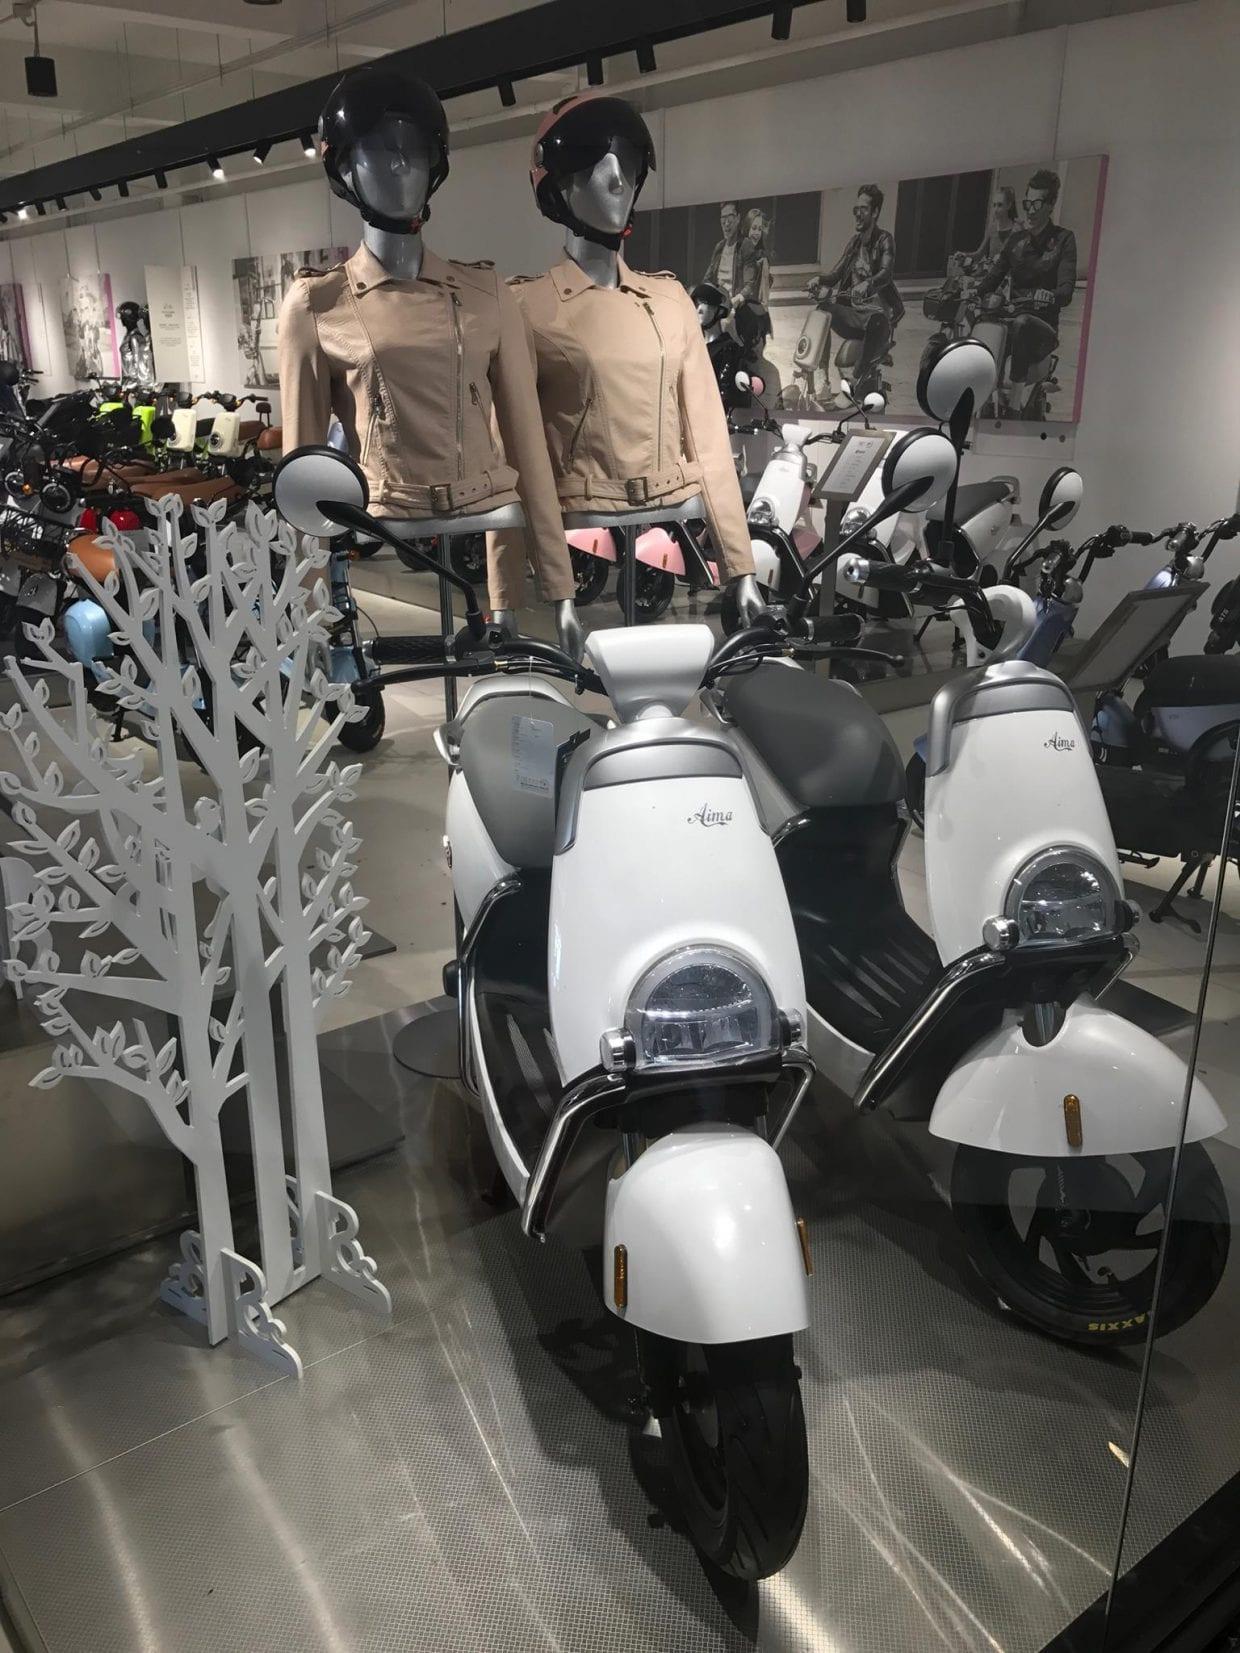 これも電動自転車なのか!?